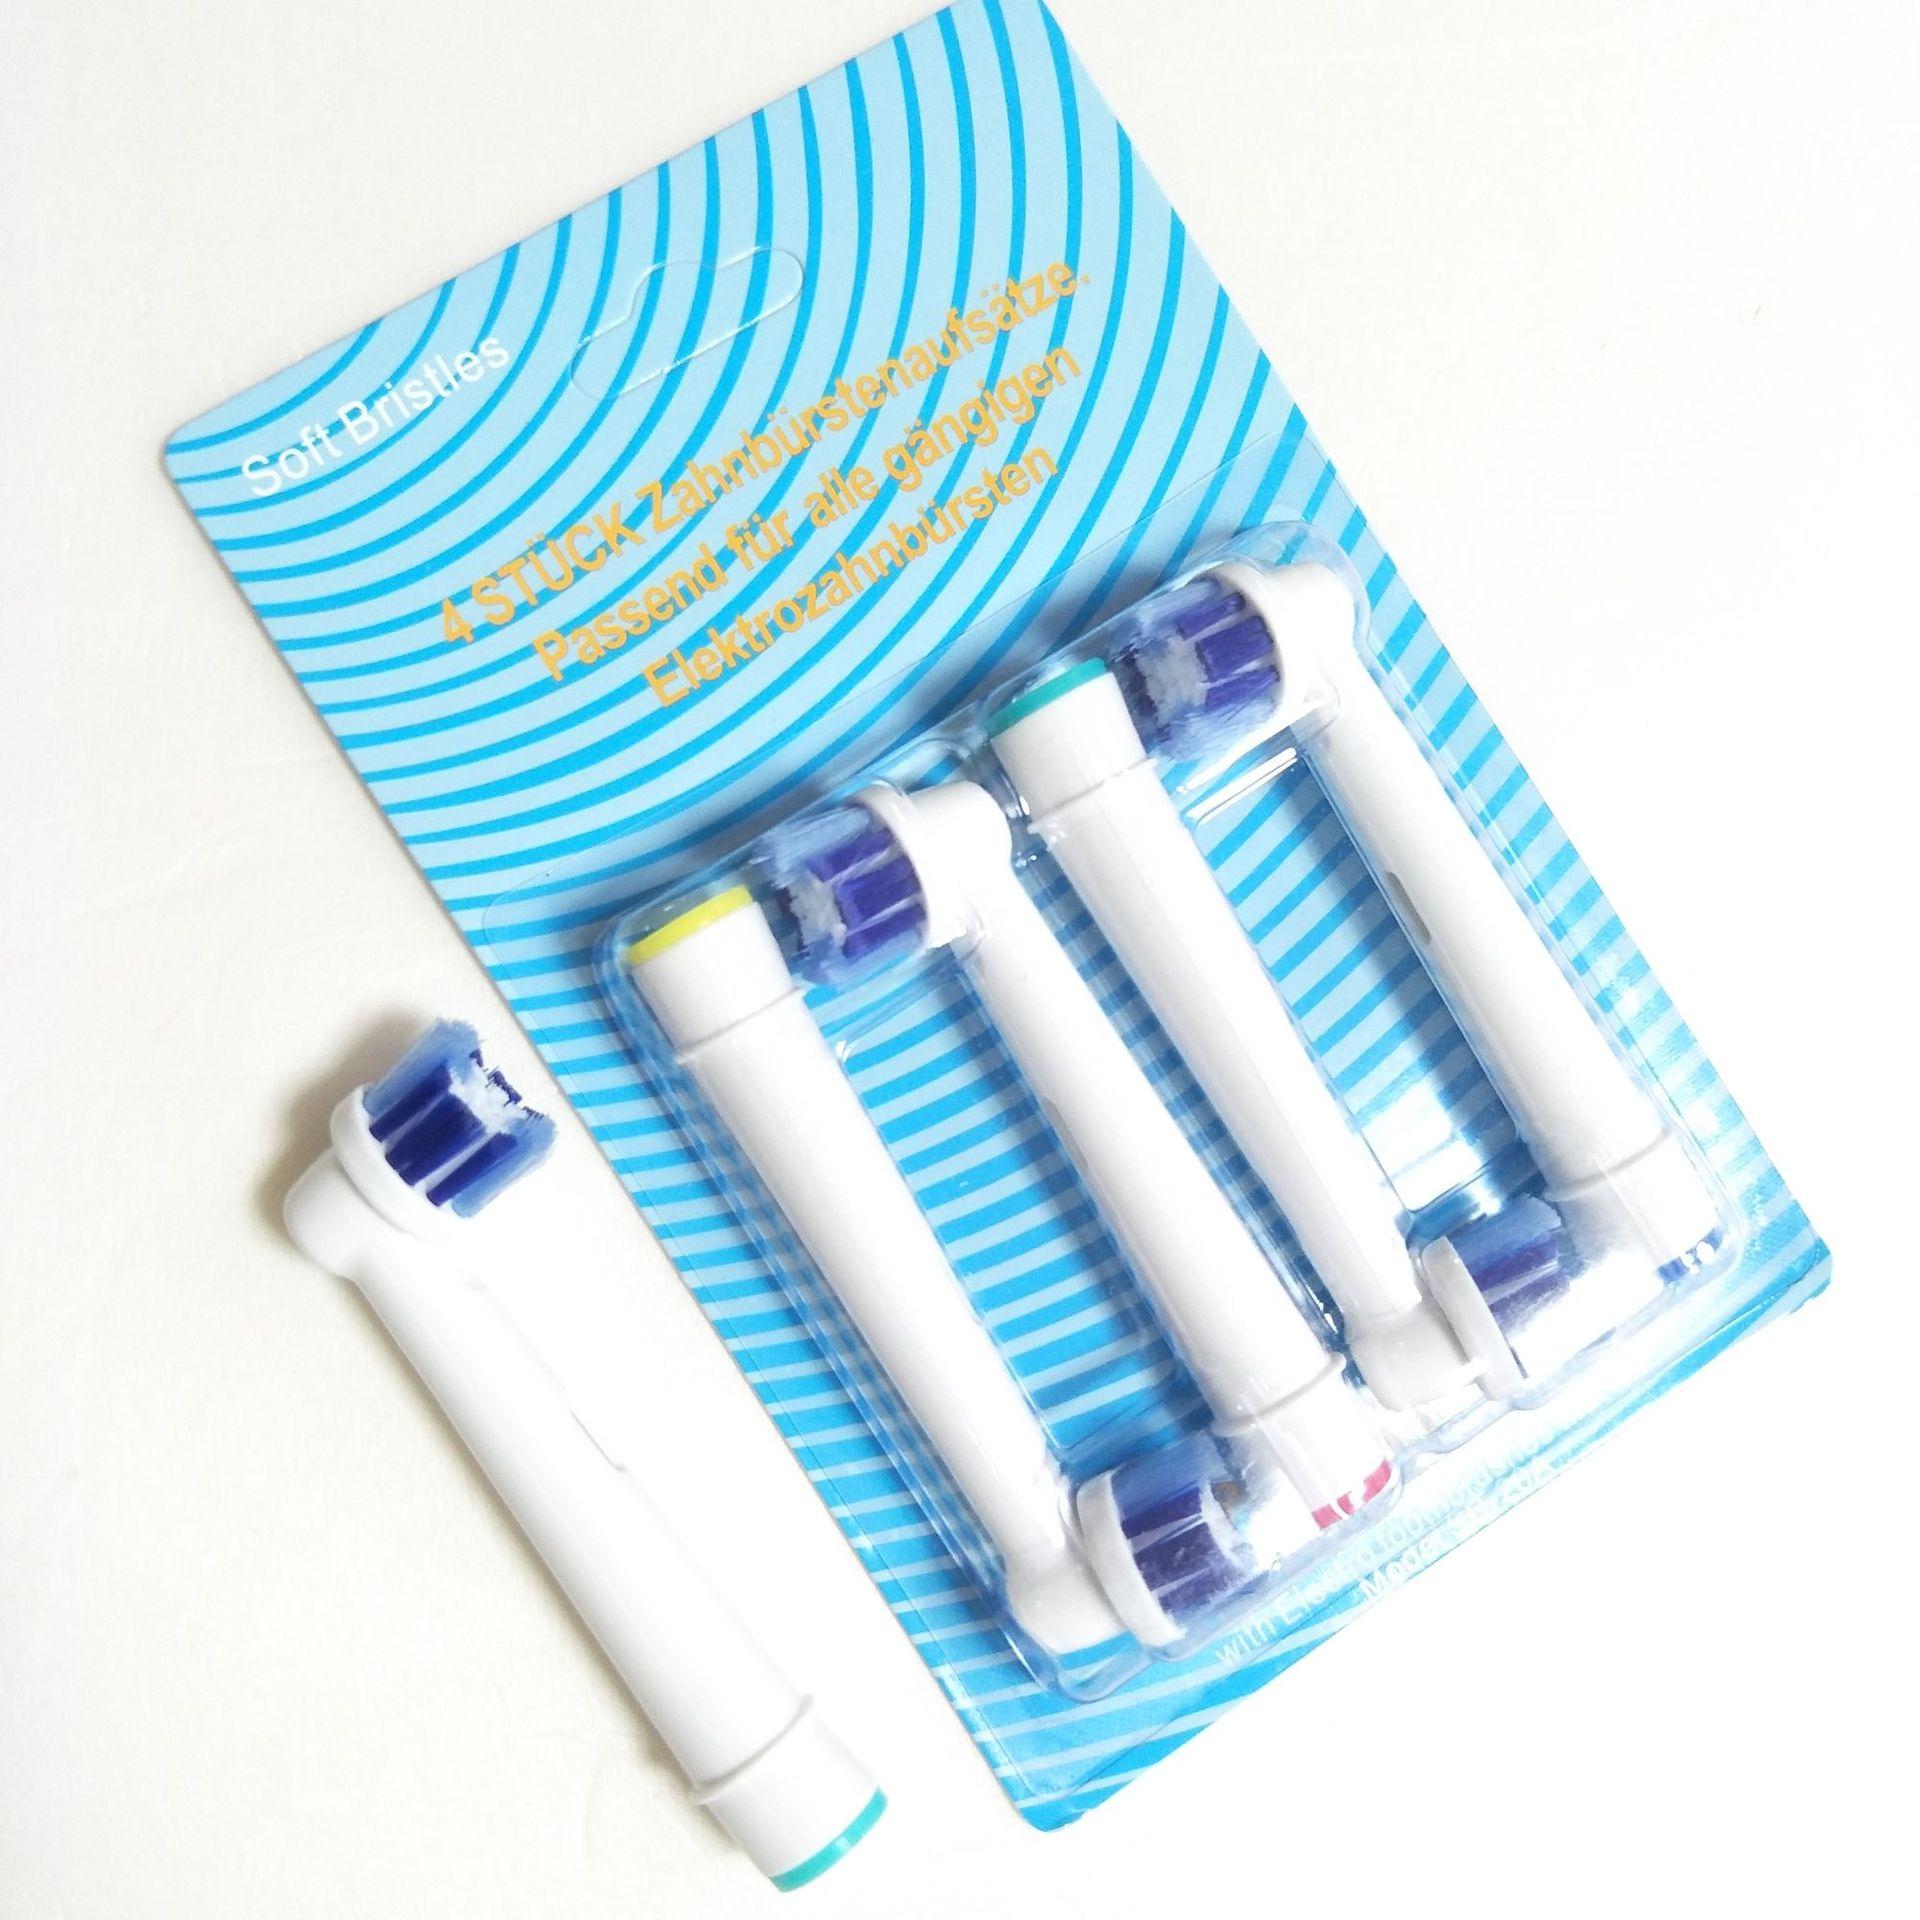 Oral B sonic электрическая зубная щетка PRO4000 3D уход за зубами ультра звуковая электрическая зубная щетка перезаряжаемая 2 сменные насадки - 2